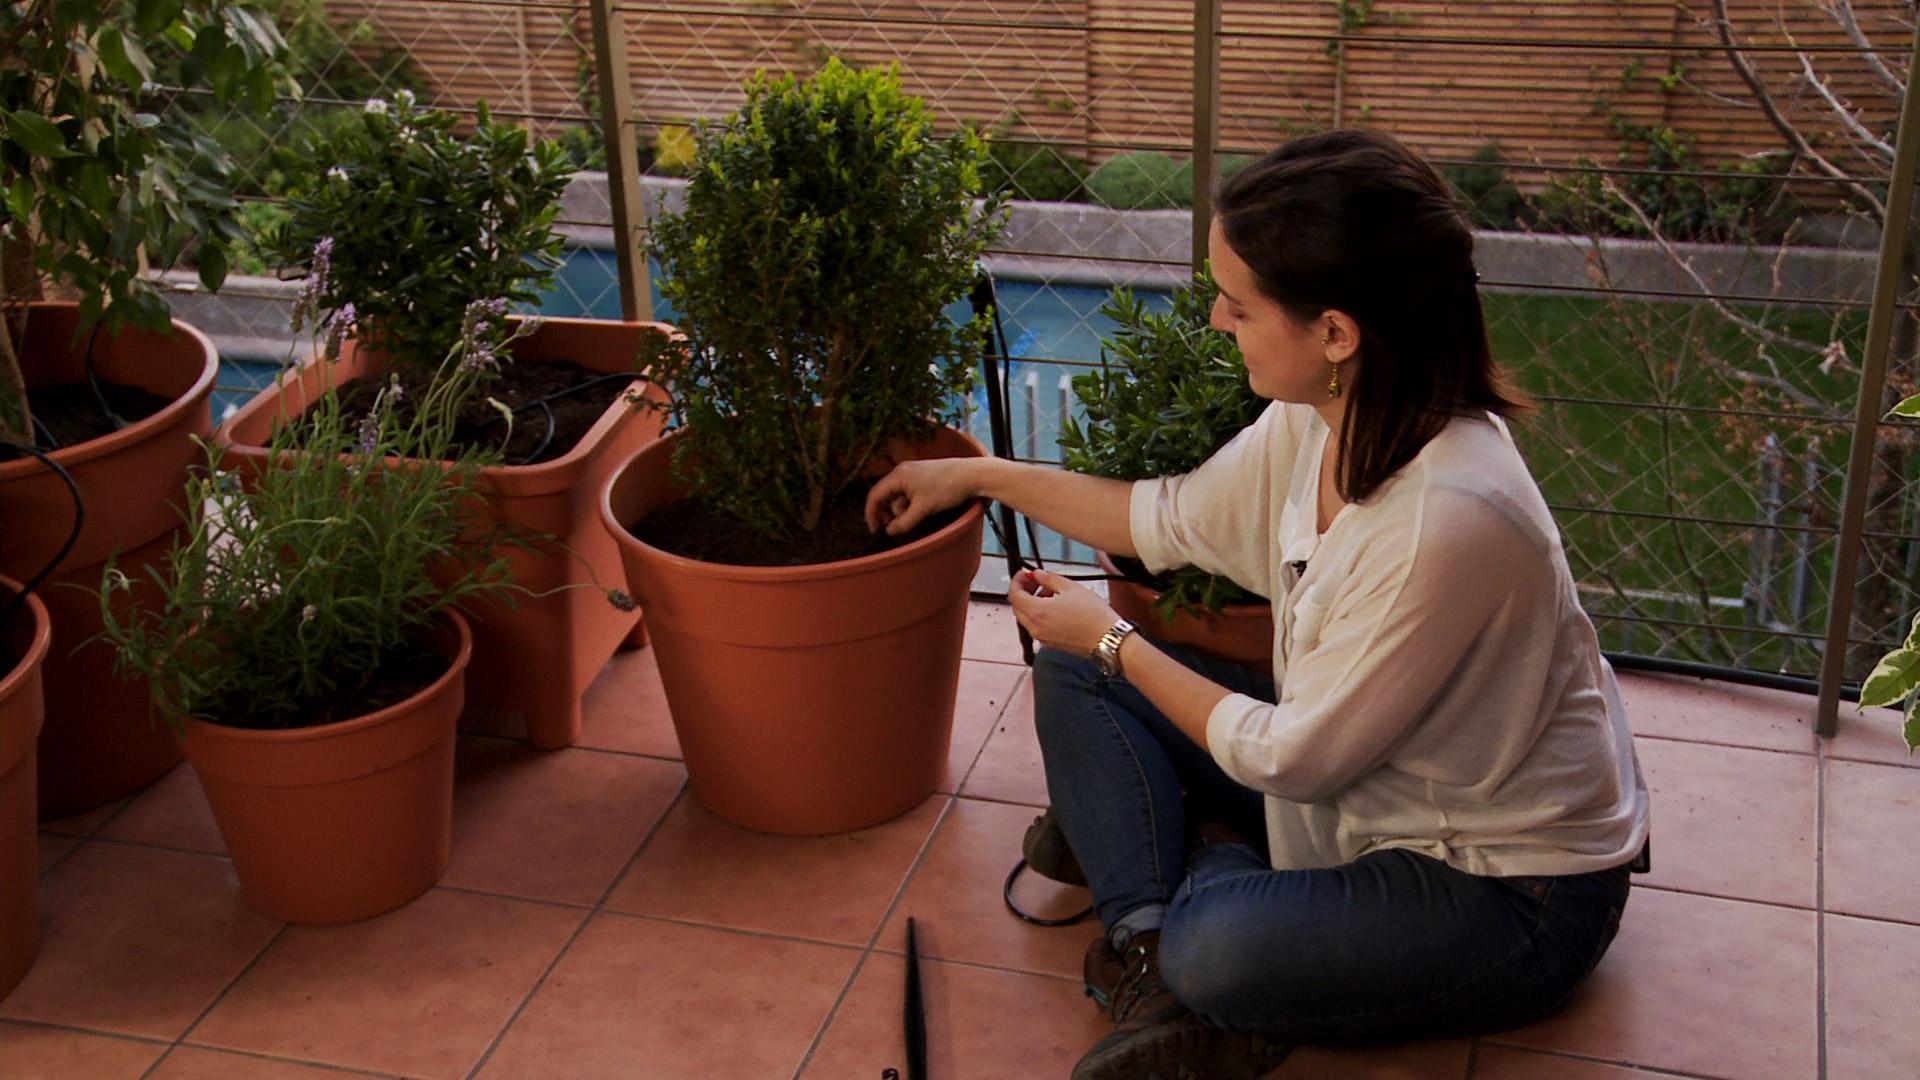 Las plantas en maceteros también pueden tener un riego automático. Esto es muy bueno para ellas y para nuestra comodidad, ya que con la llegada de la primavera y a medida que sube la temperatura, debemos aumentar la frecuencia con la que regamos las plantas, lo que puede llegar a ser incompatible con nuestros ritmos de vida.